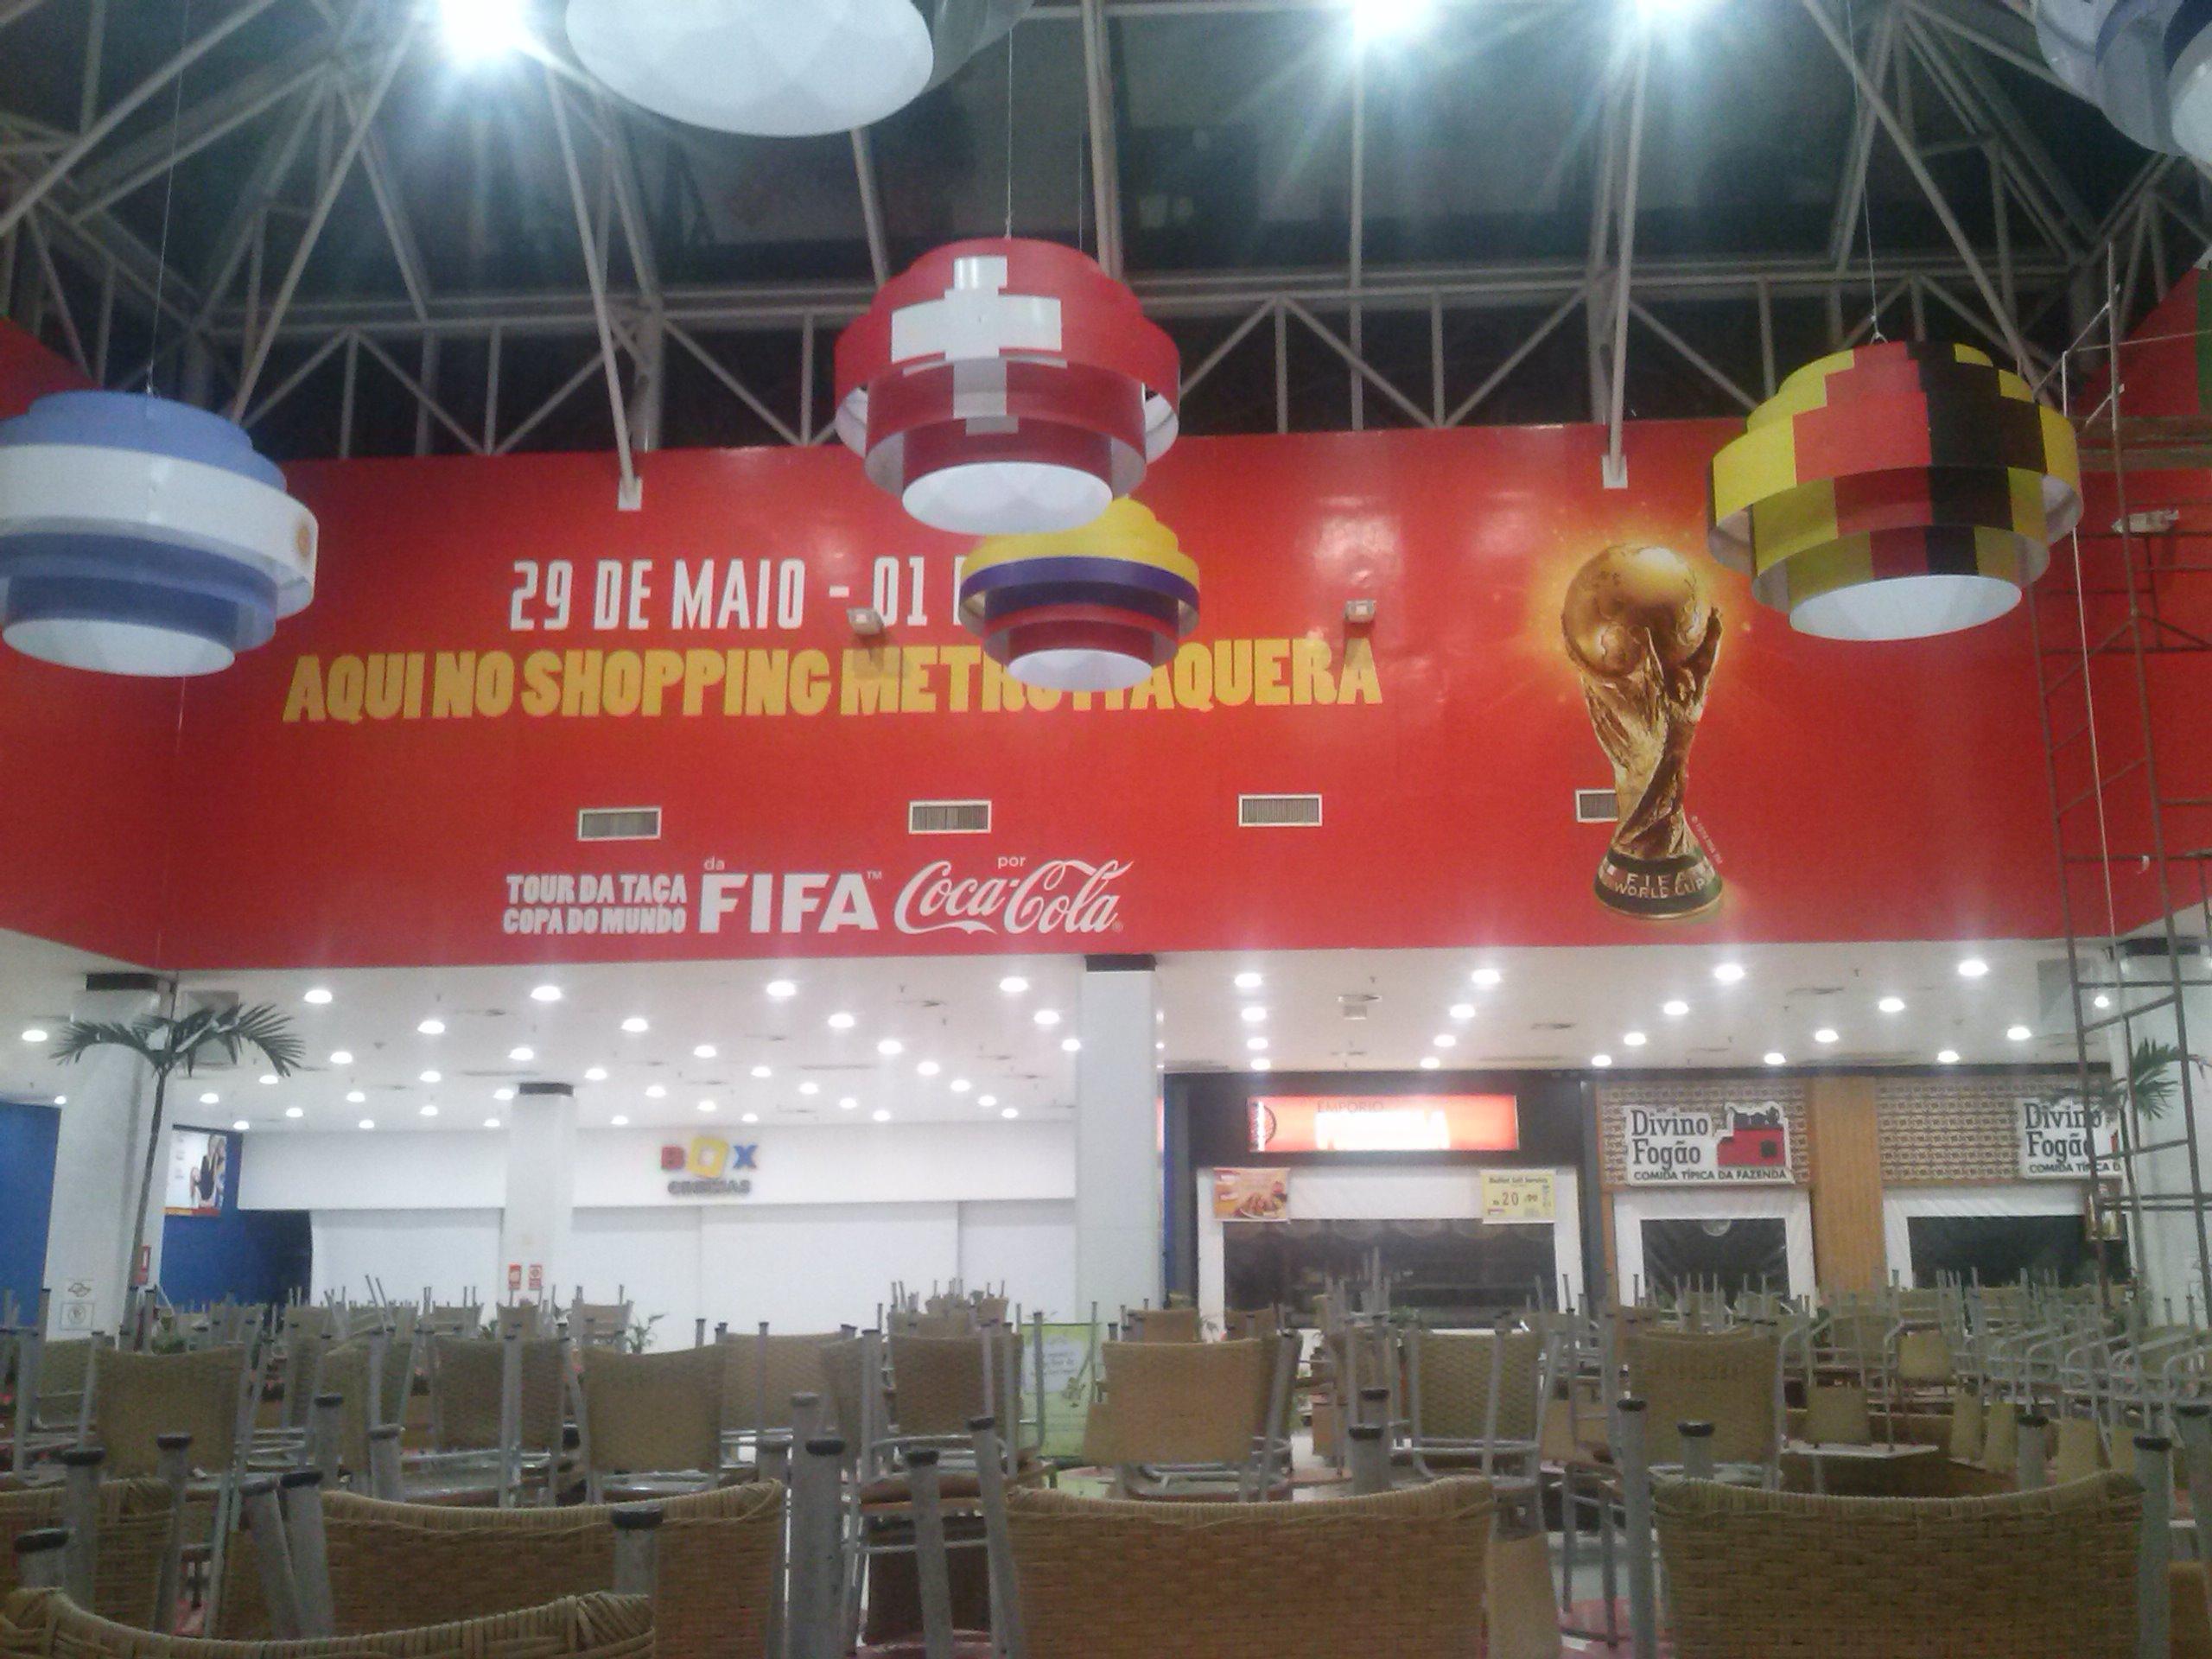 Copa metro itaq